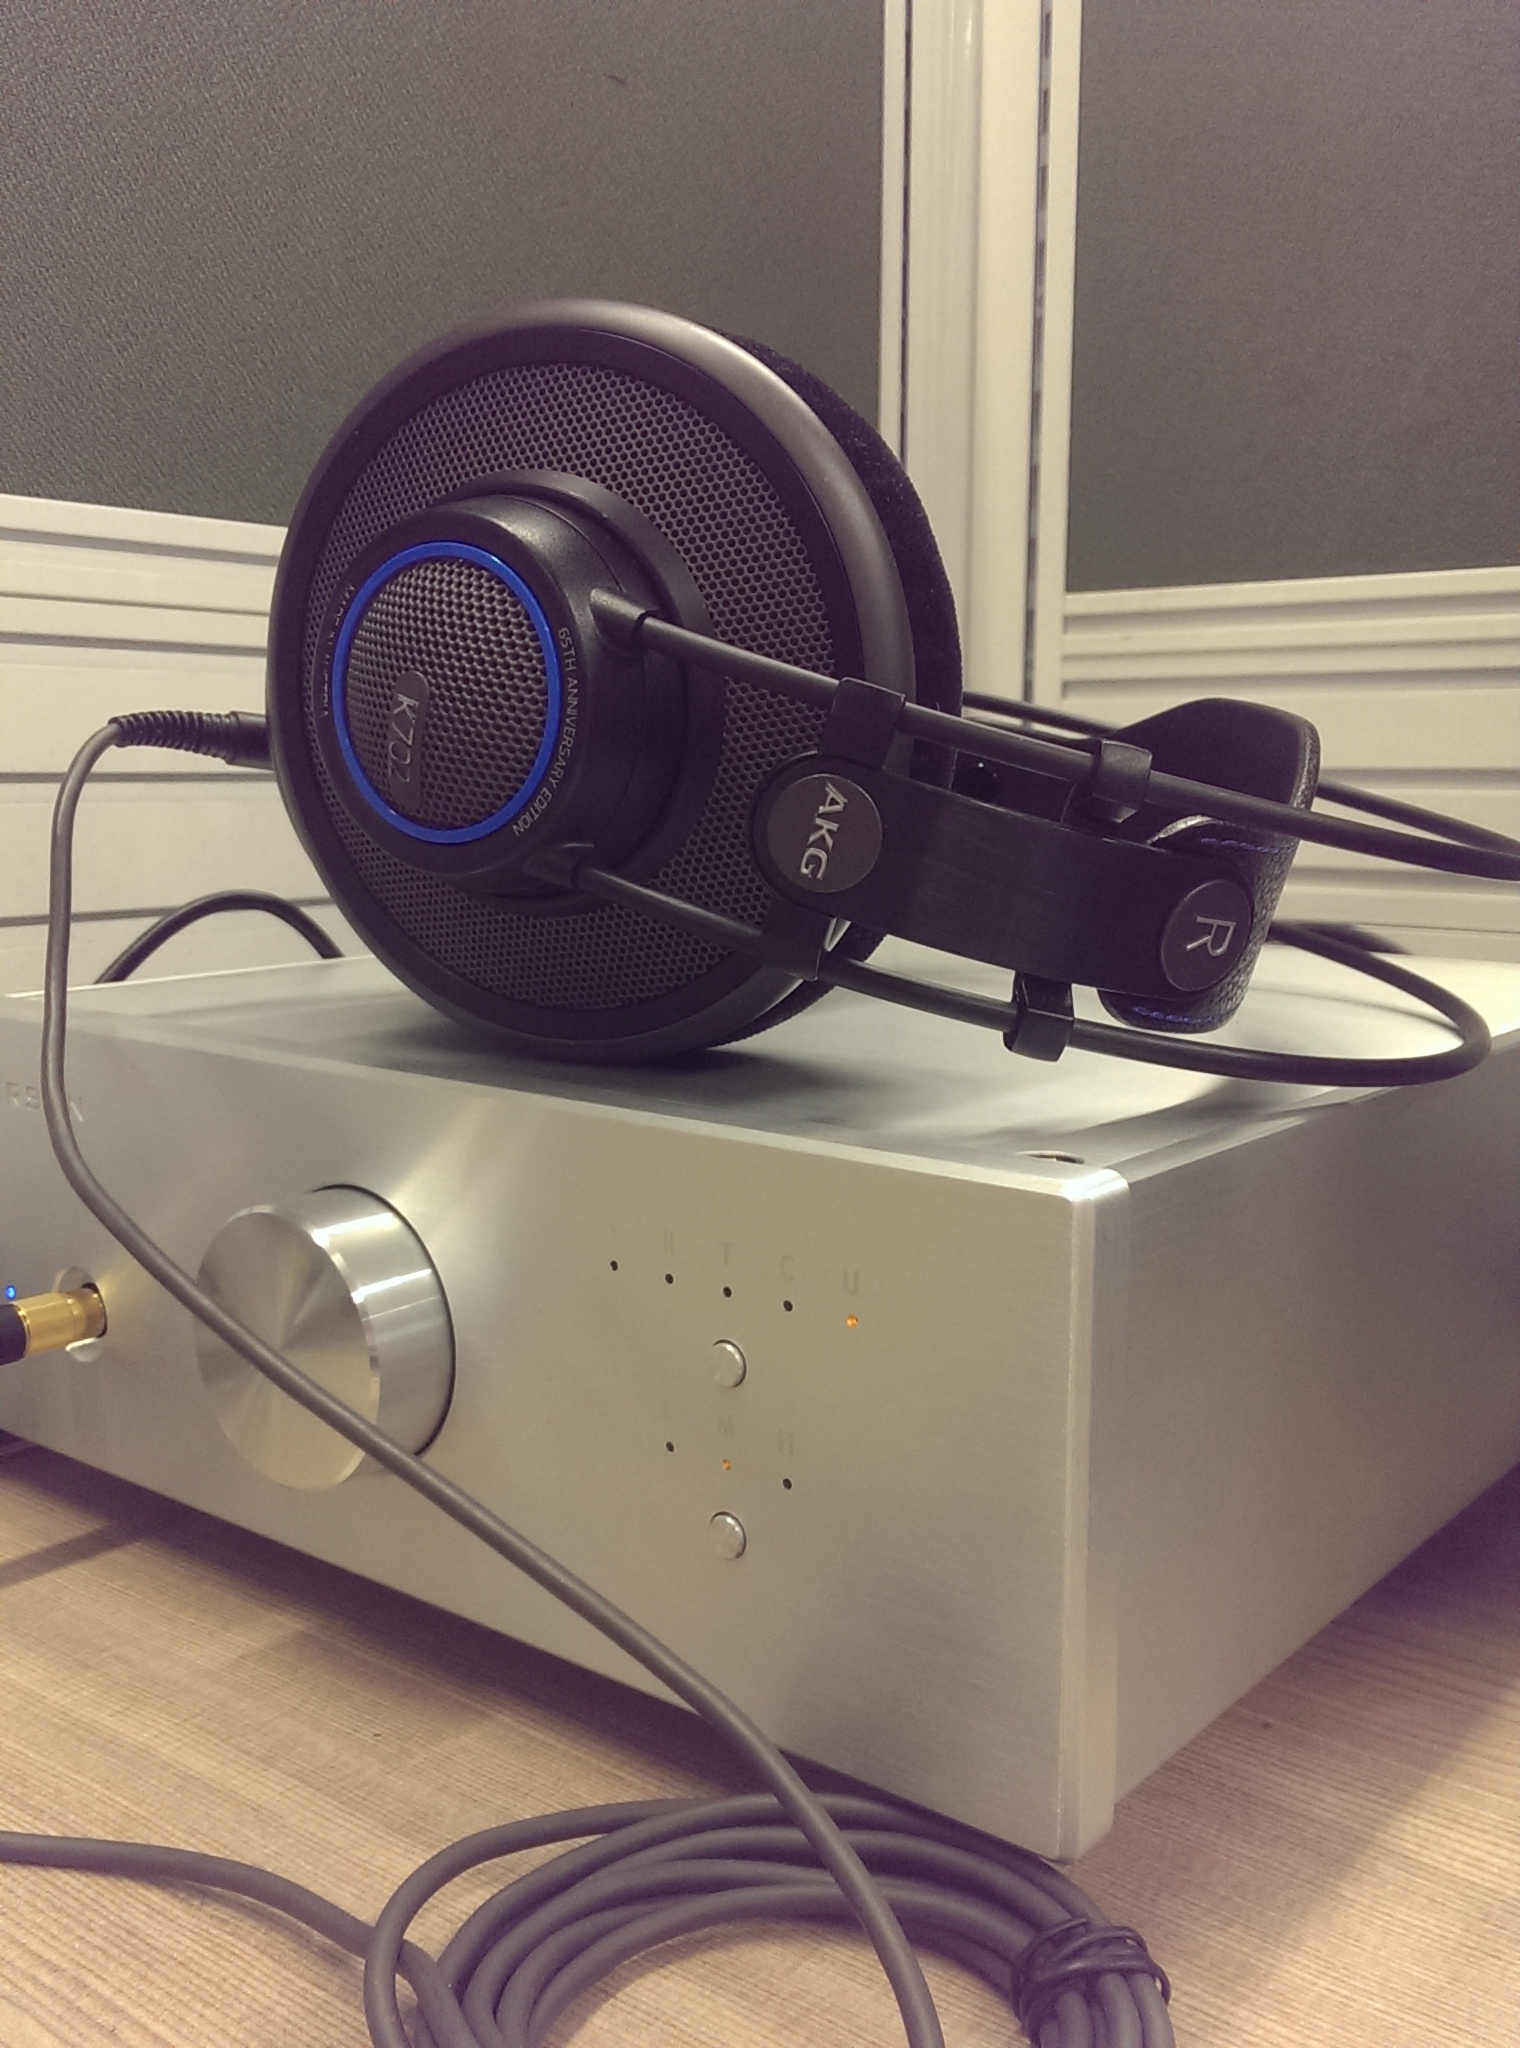 AKG K702 headphone amp/dac